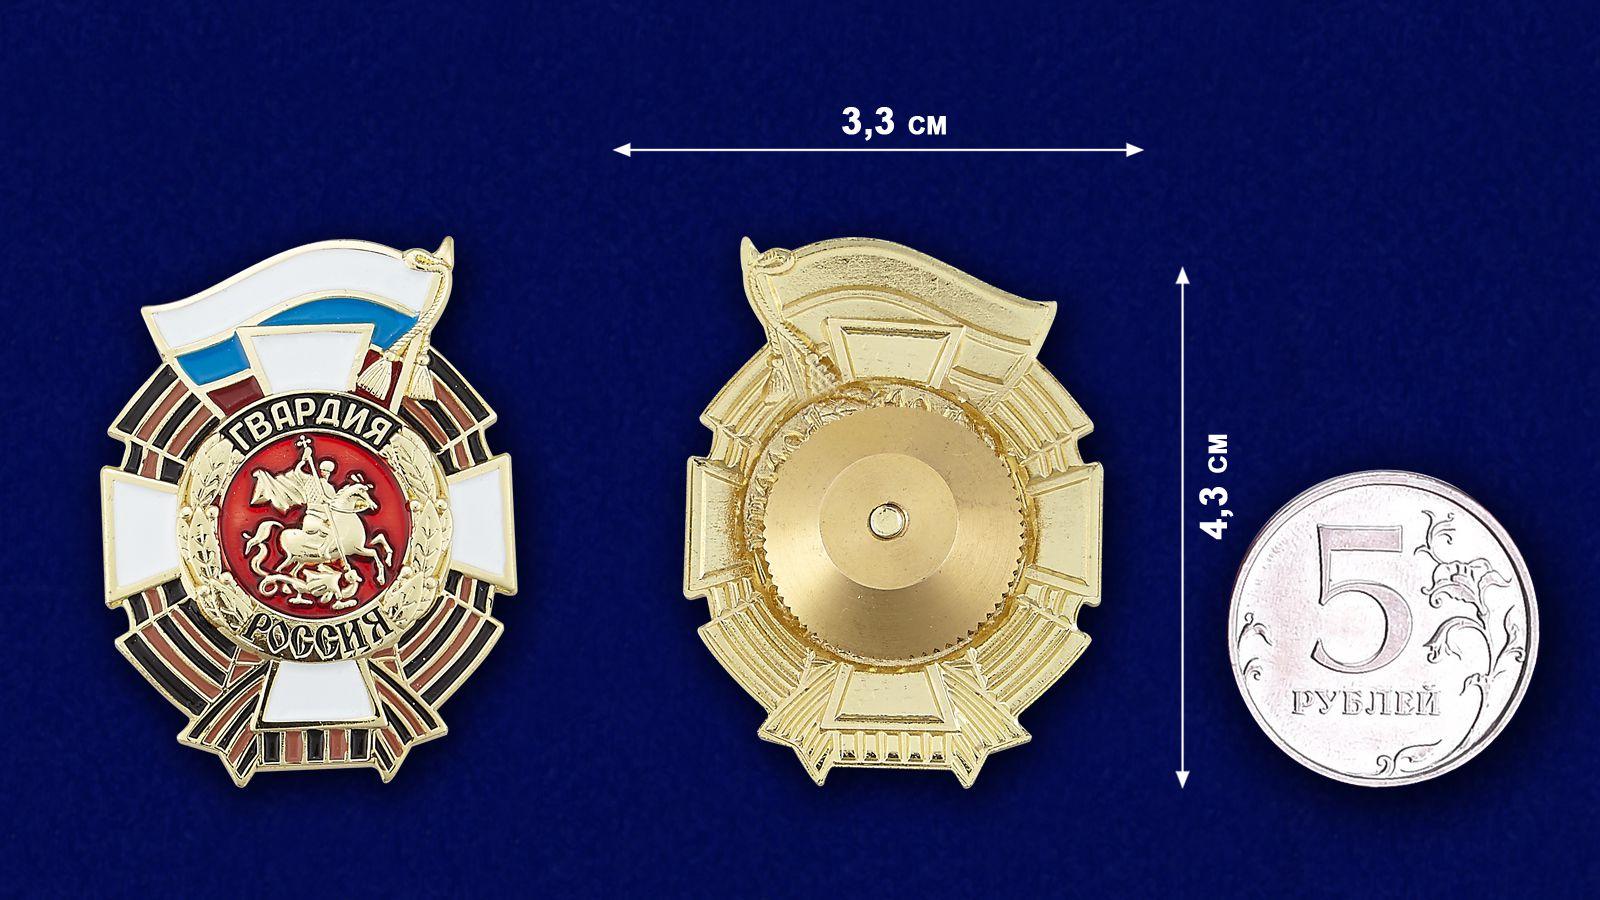 Знак Гвардия Россия - сравнительный размер